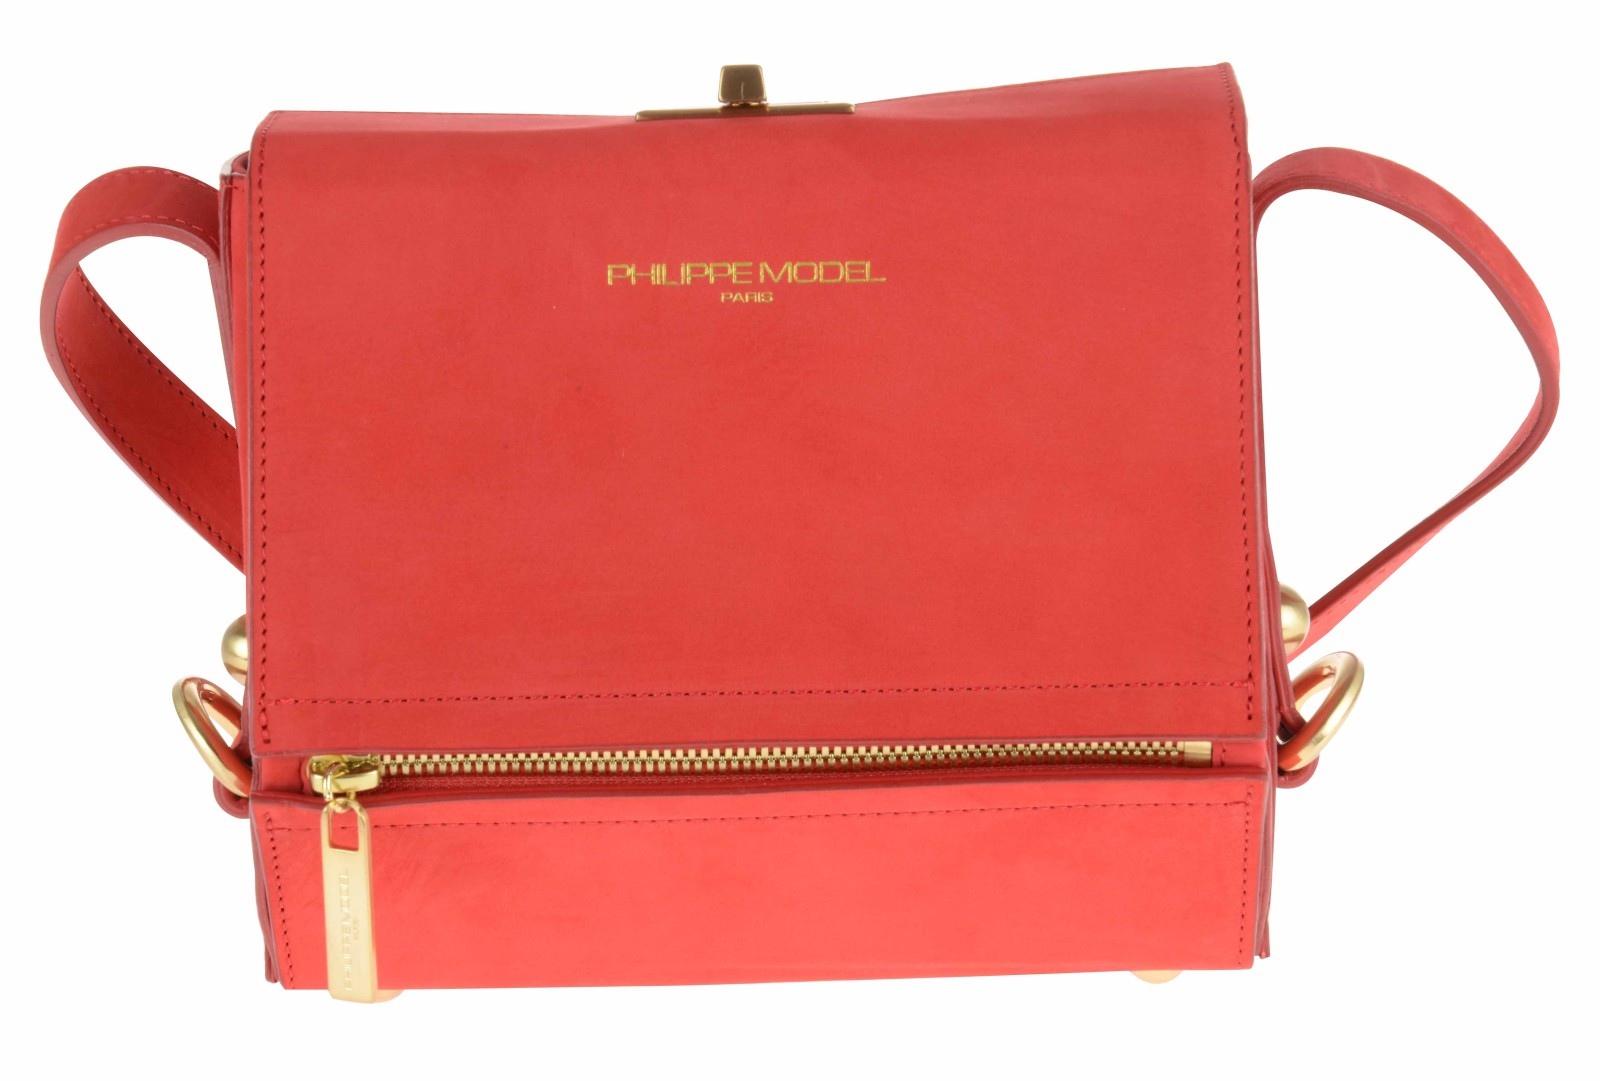 philippe model borsa box rosso corallo doppio scomparto interno tasche in red lyst. Black Bedroom Furniture Sets. Home Design Ideas